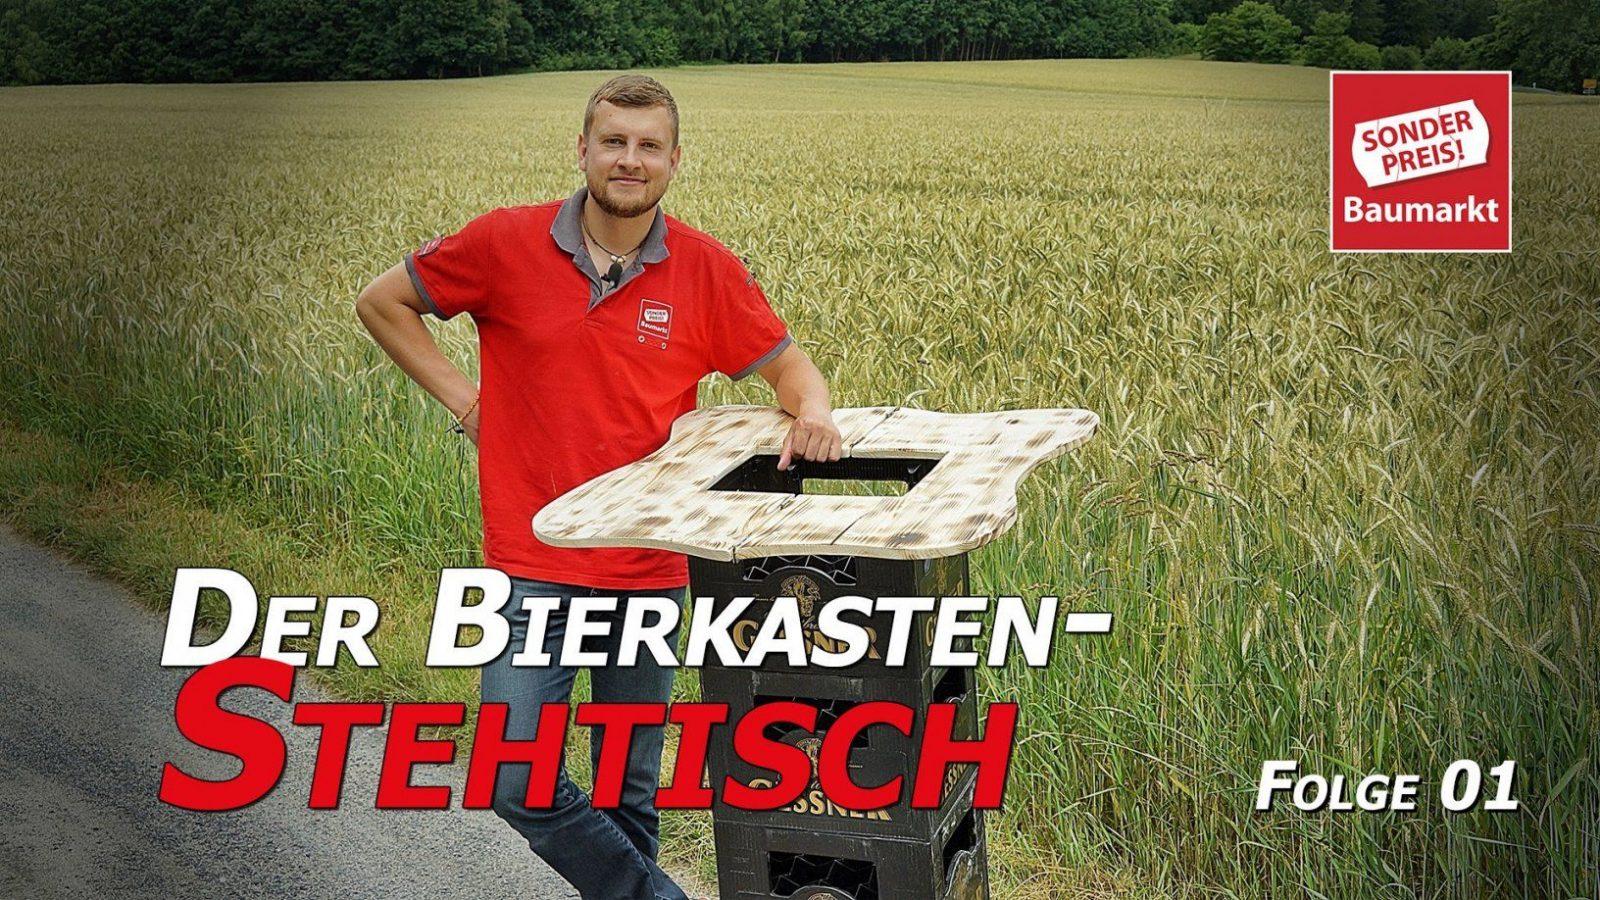 Bierkisten Stehtisch Unter 1500 Euro Selber Bauen  Folge 01  Youtube von Theke Selber Bauen Bierkästen Bild